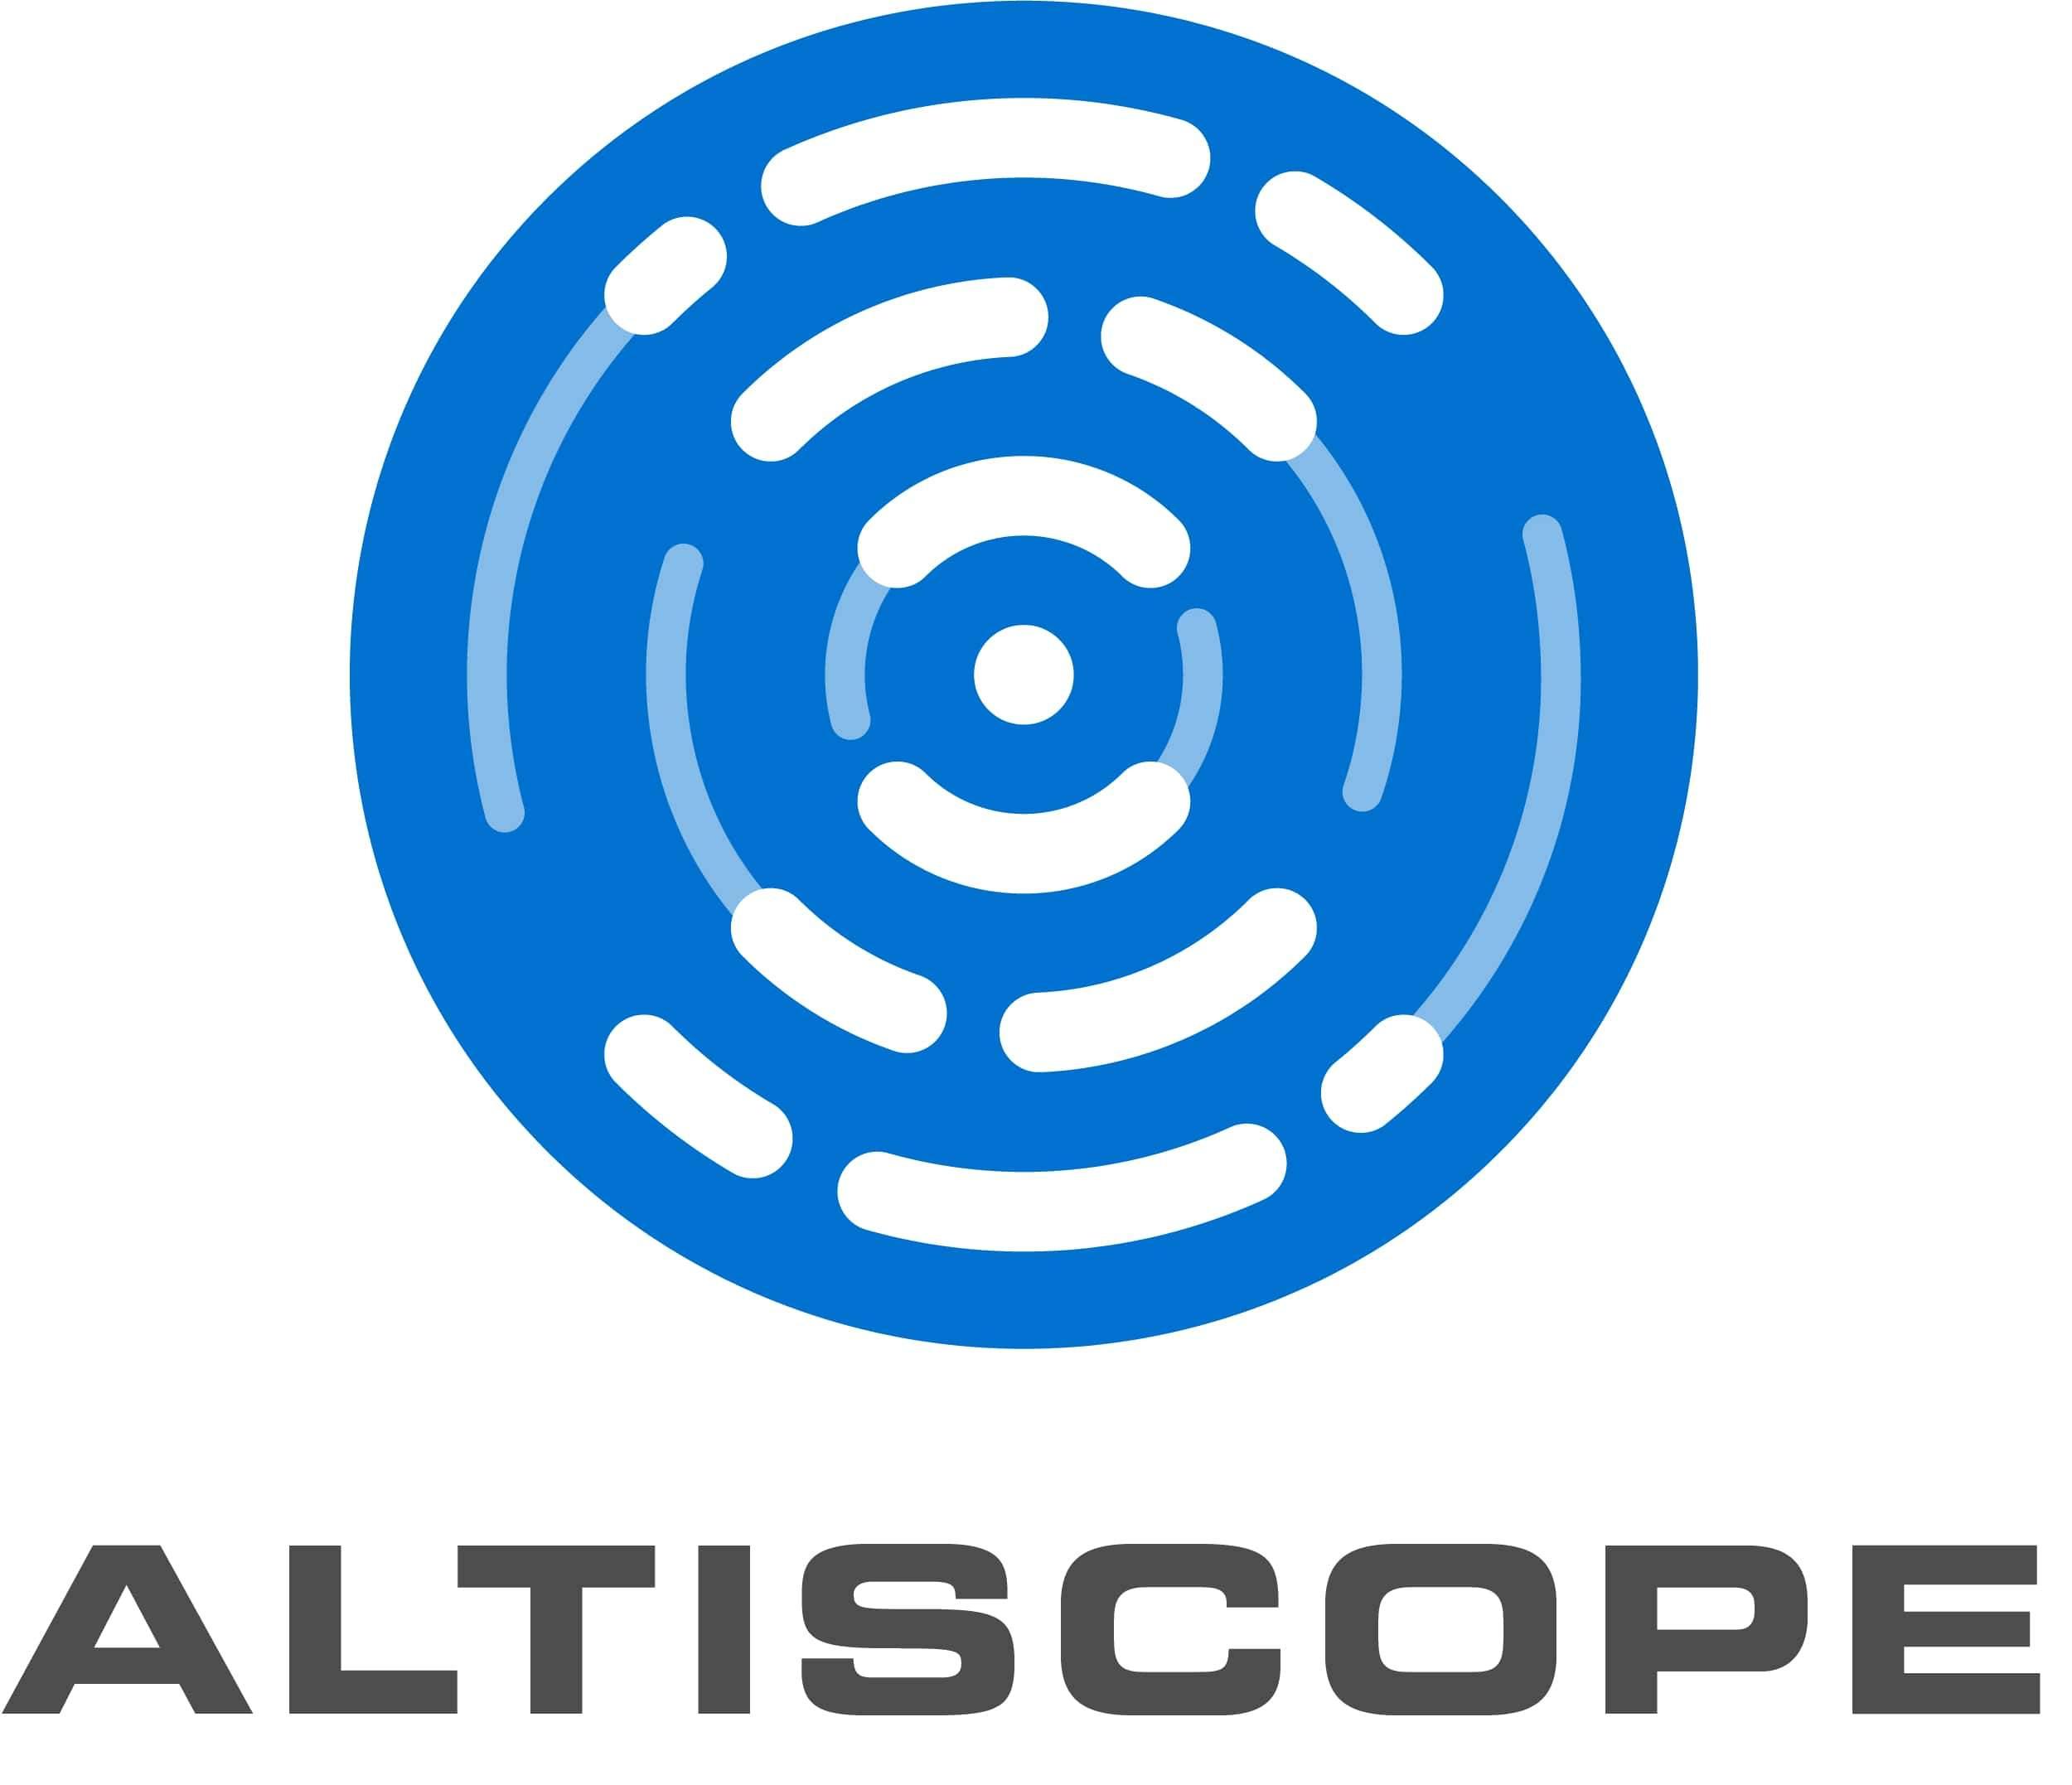 Altiscope